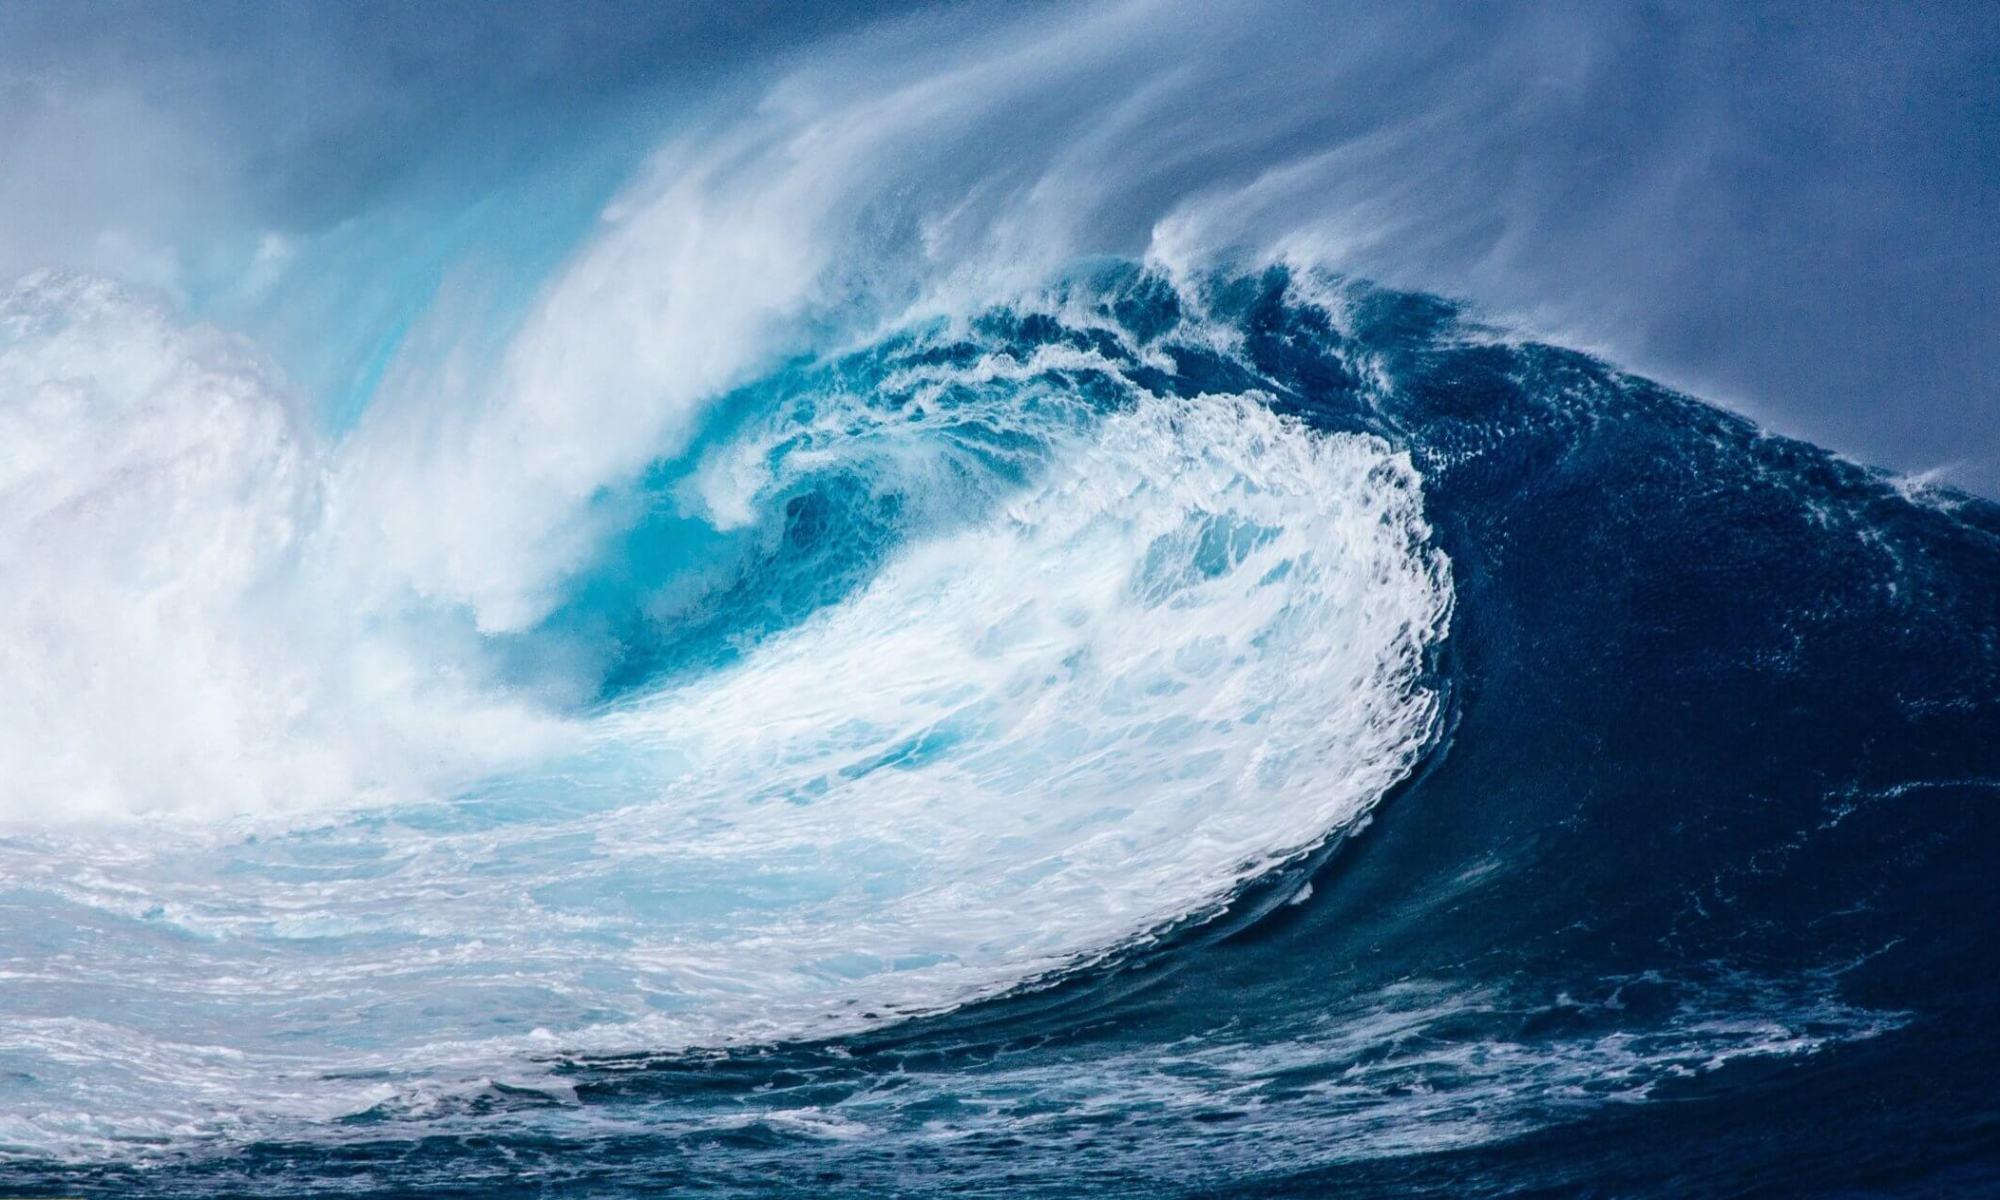 Welle. Bild zur Jahreslosung 2020